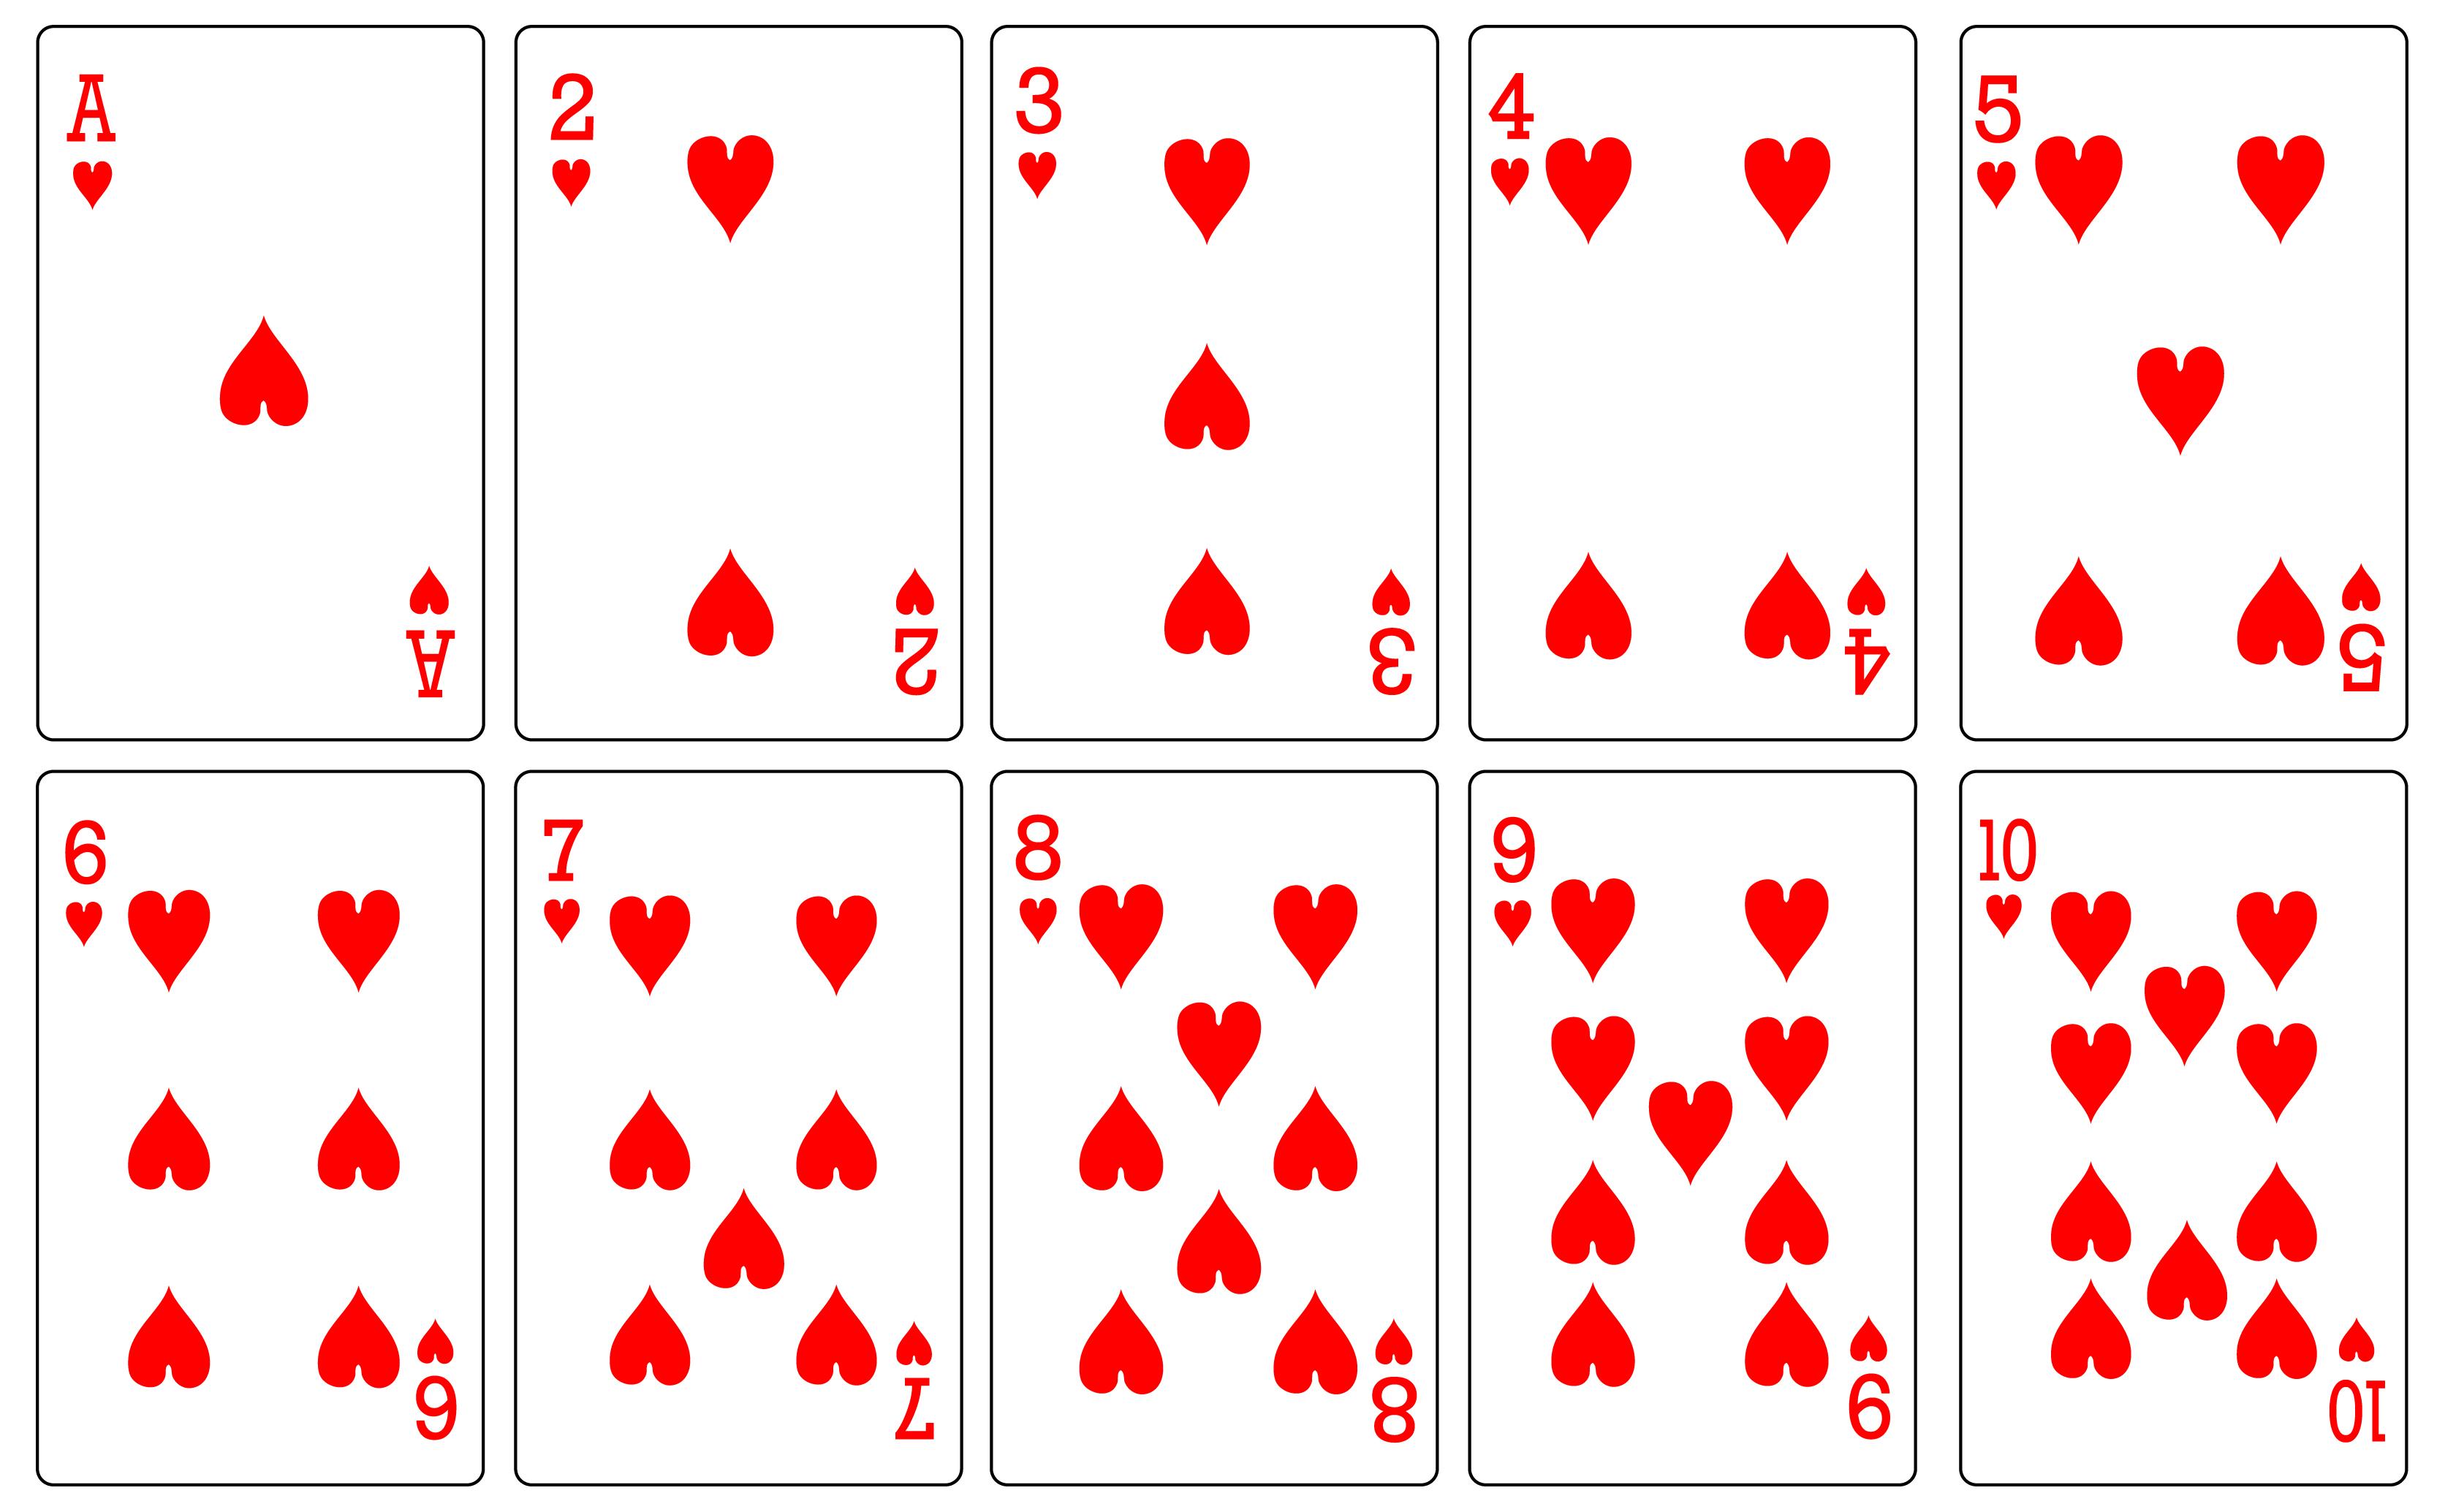 Фото, карты игральные картинки для распечатки по одной размер 10 на 15